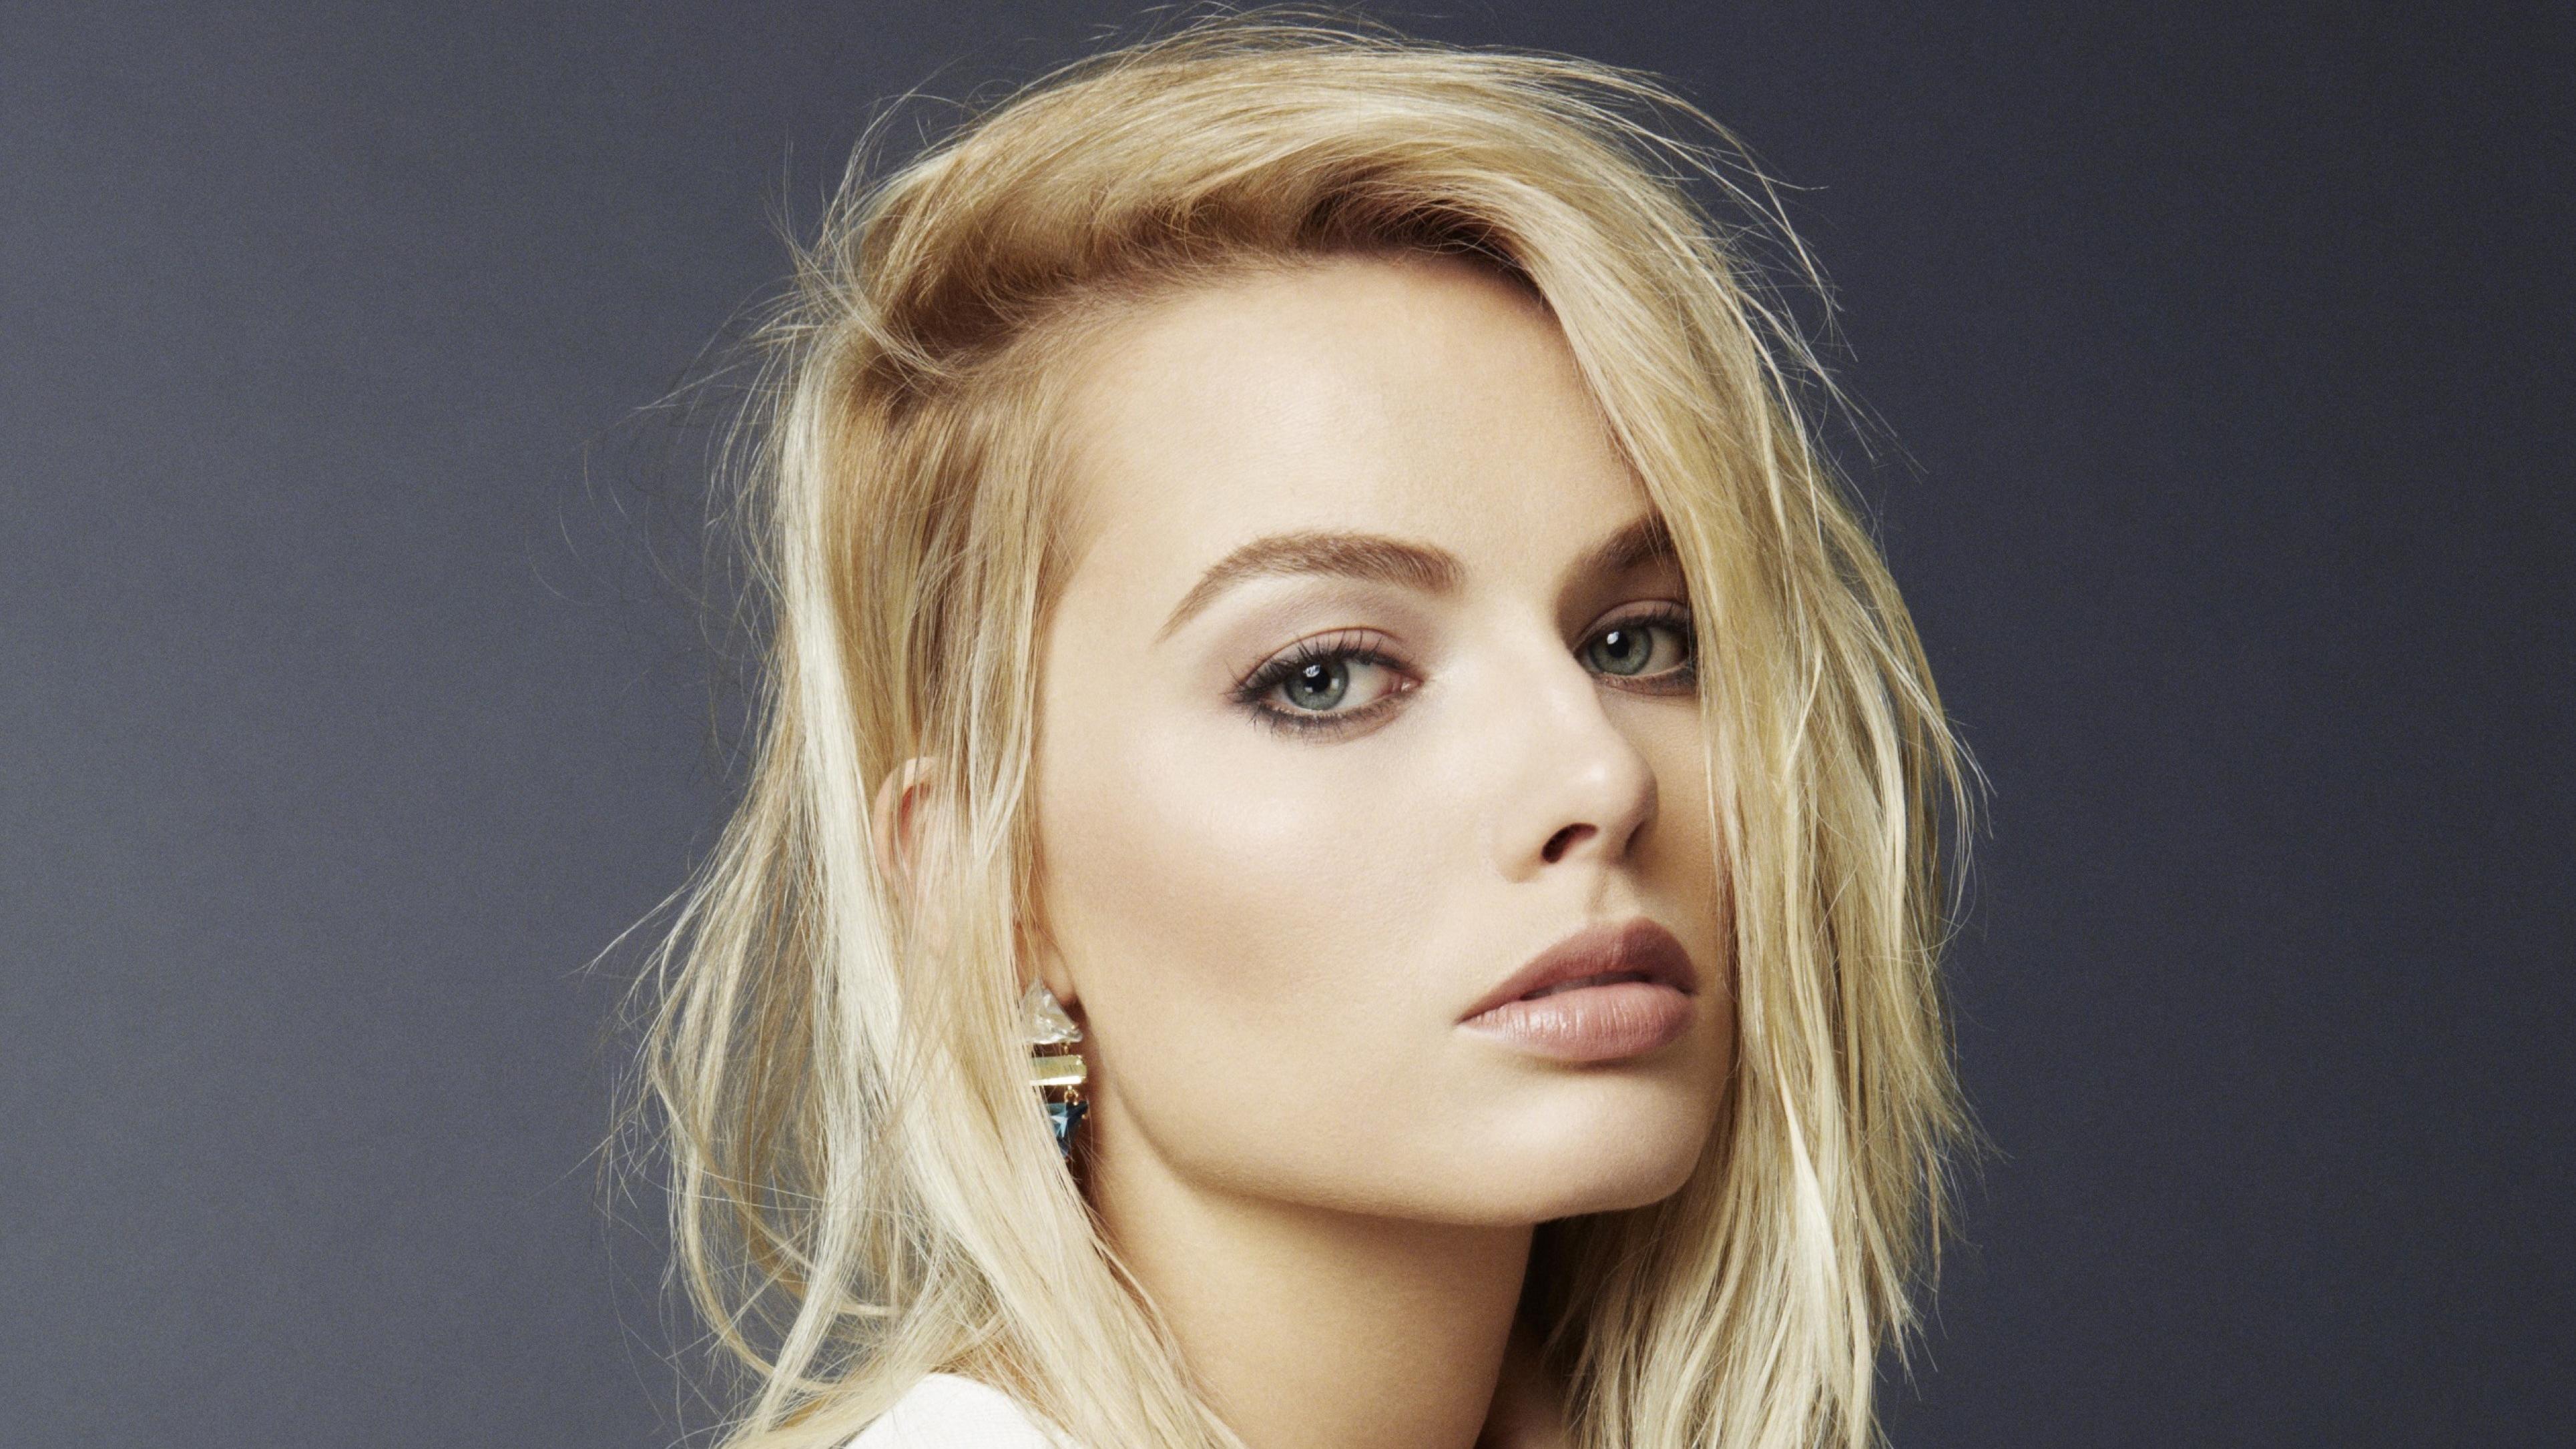 Margot Robbie 2019 4k HD Celebrities 4k Wallpapers Images 3859x2171